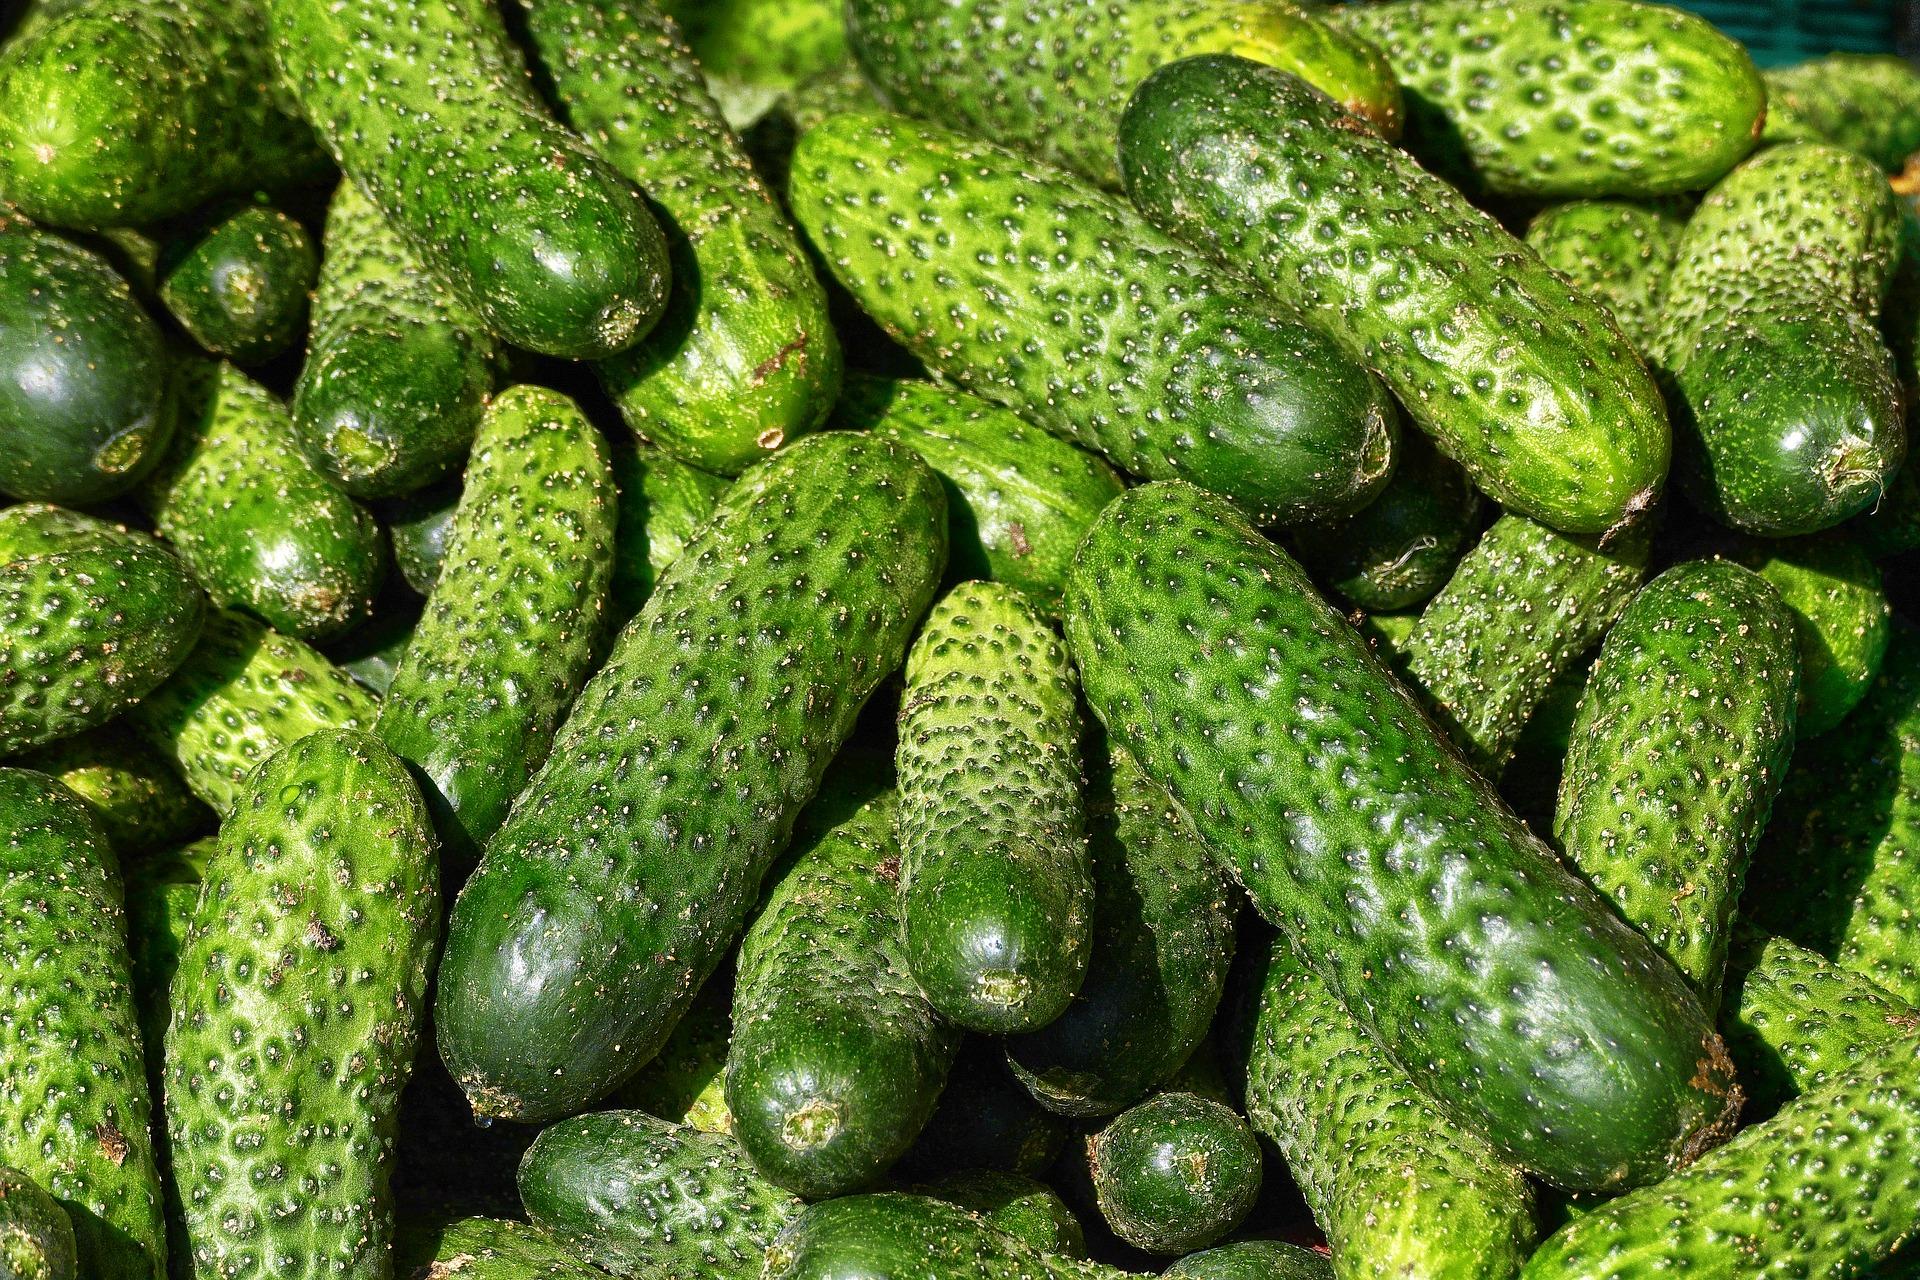 В Україні ціни на огірки знову підвищилися